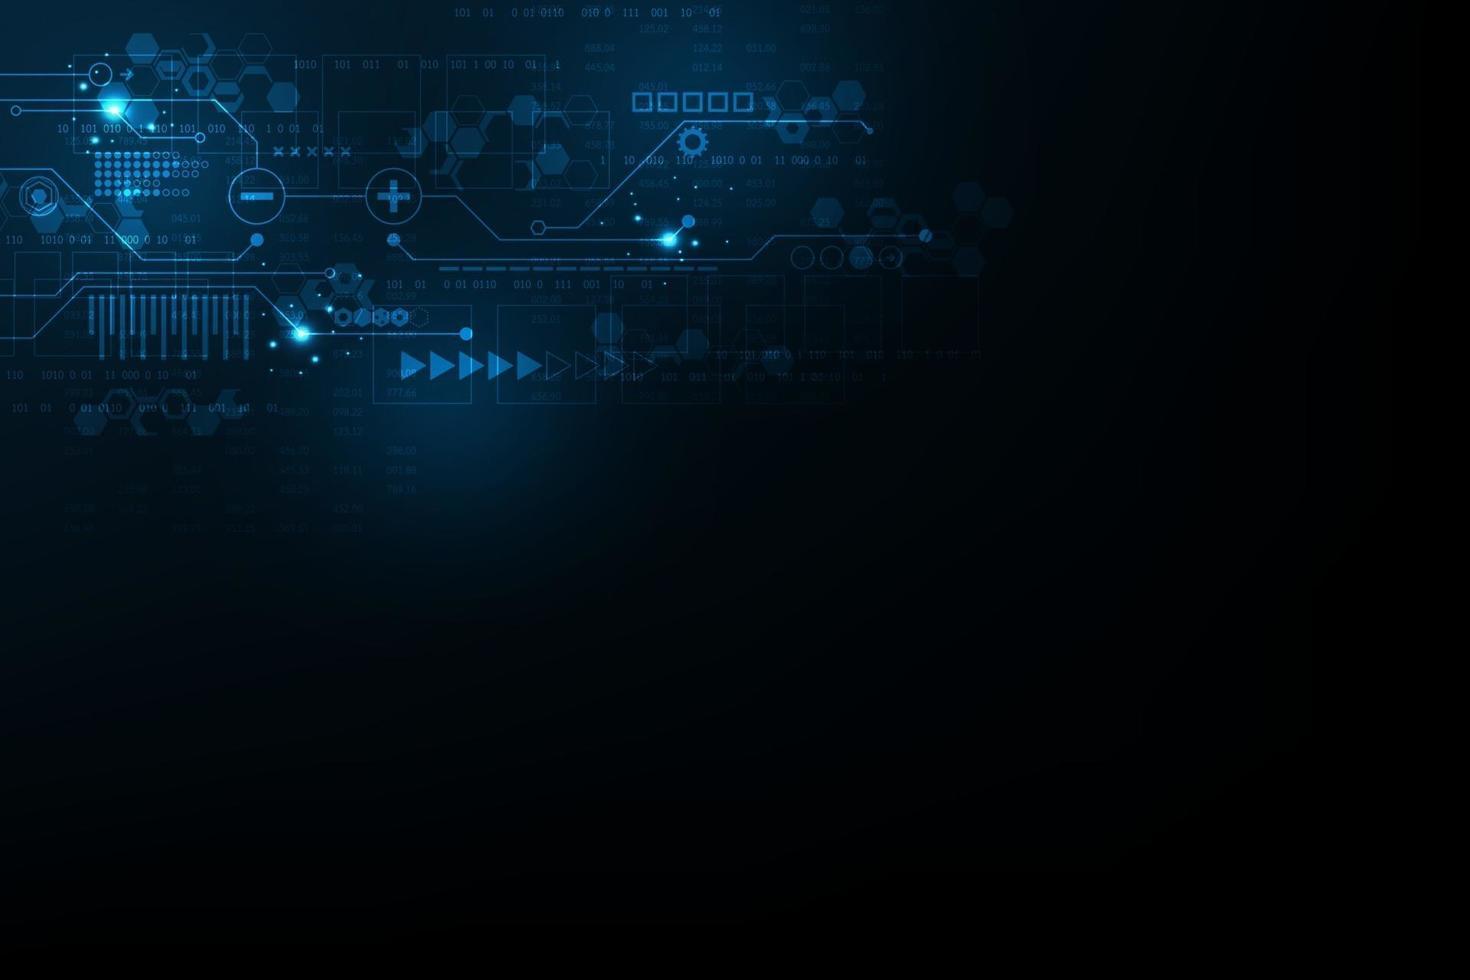 vettore sfondo astratto sul lavoro digitale complesso.